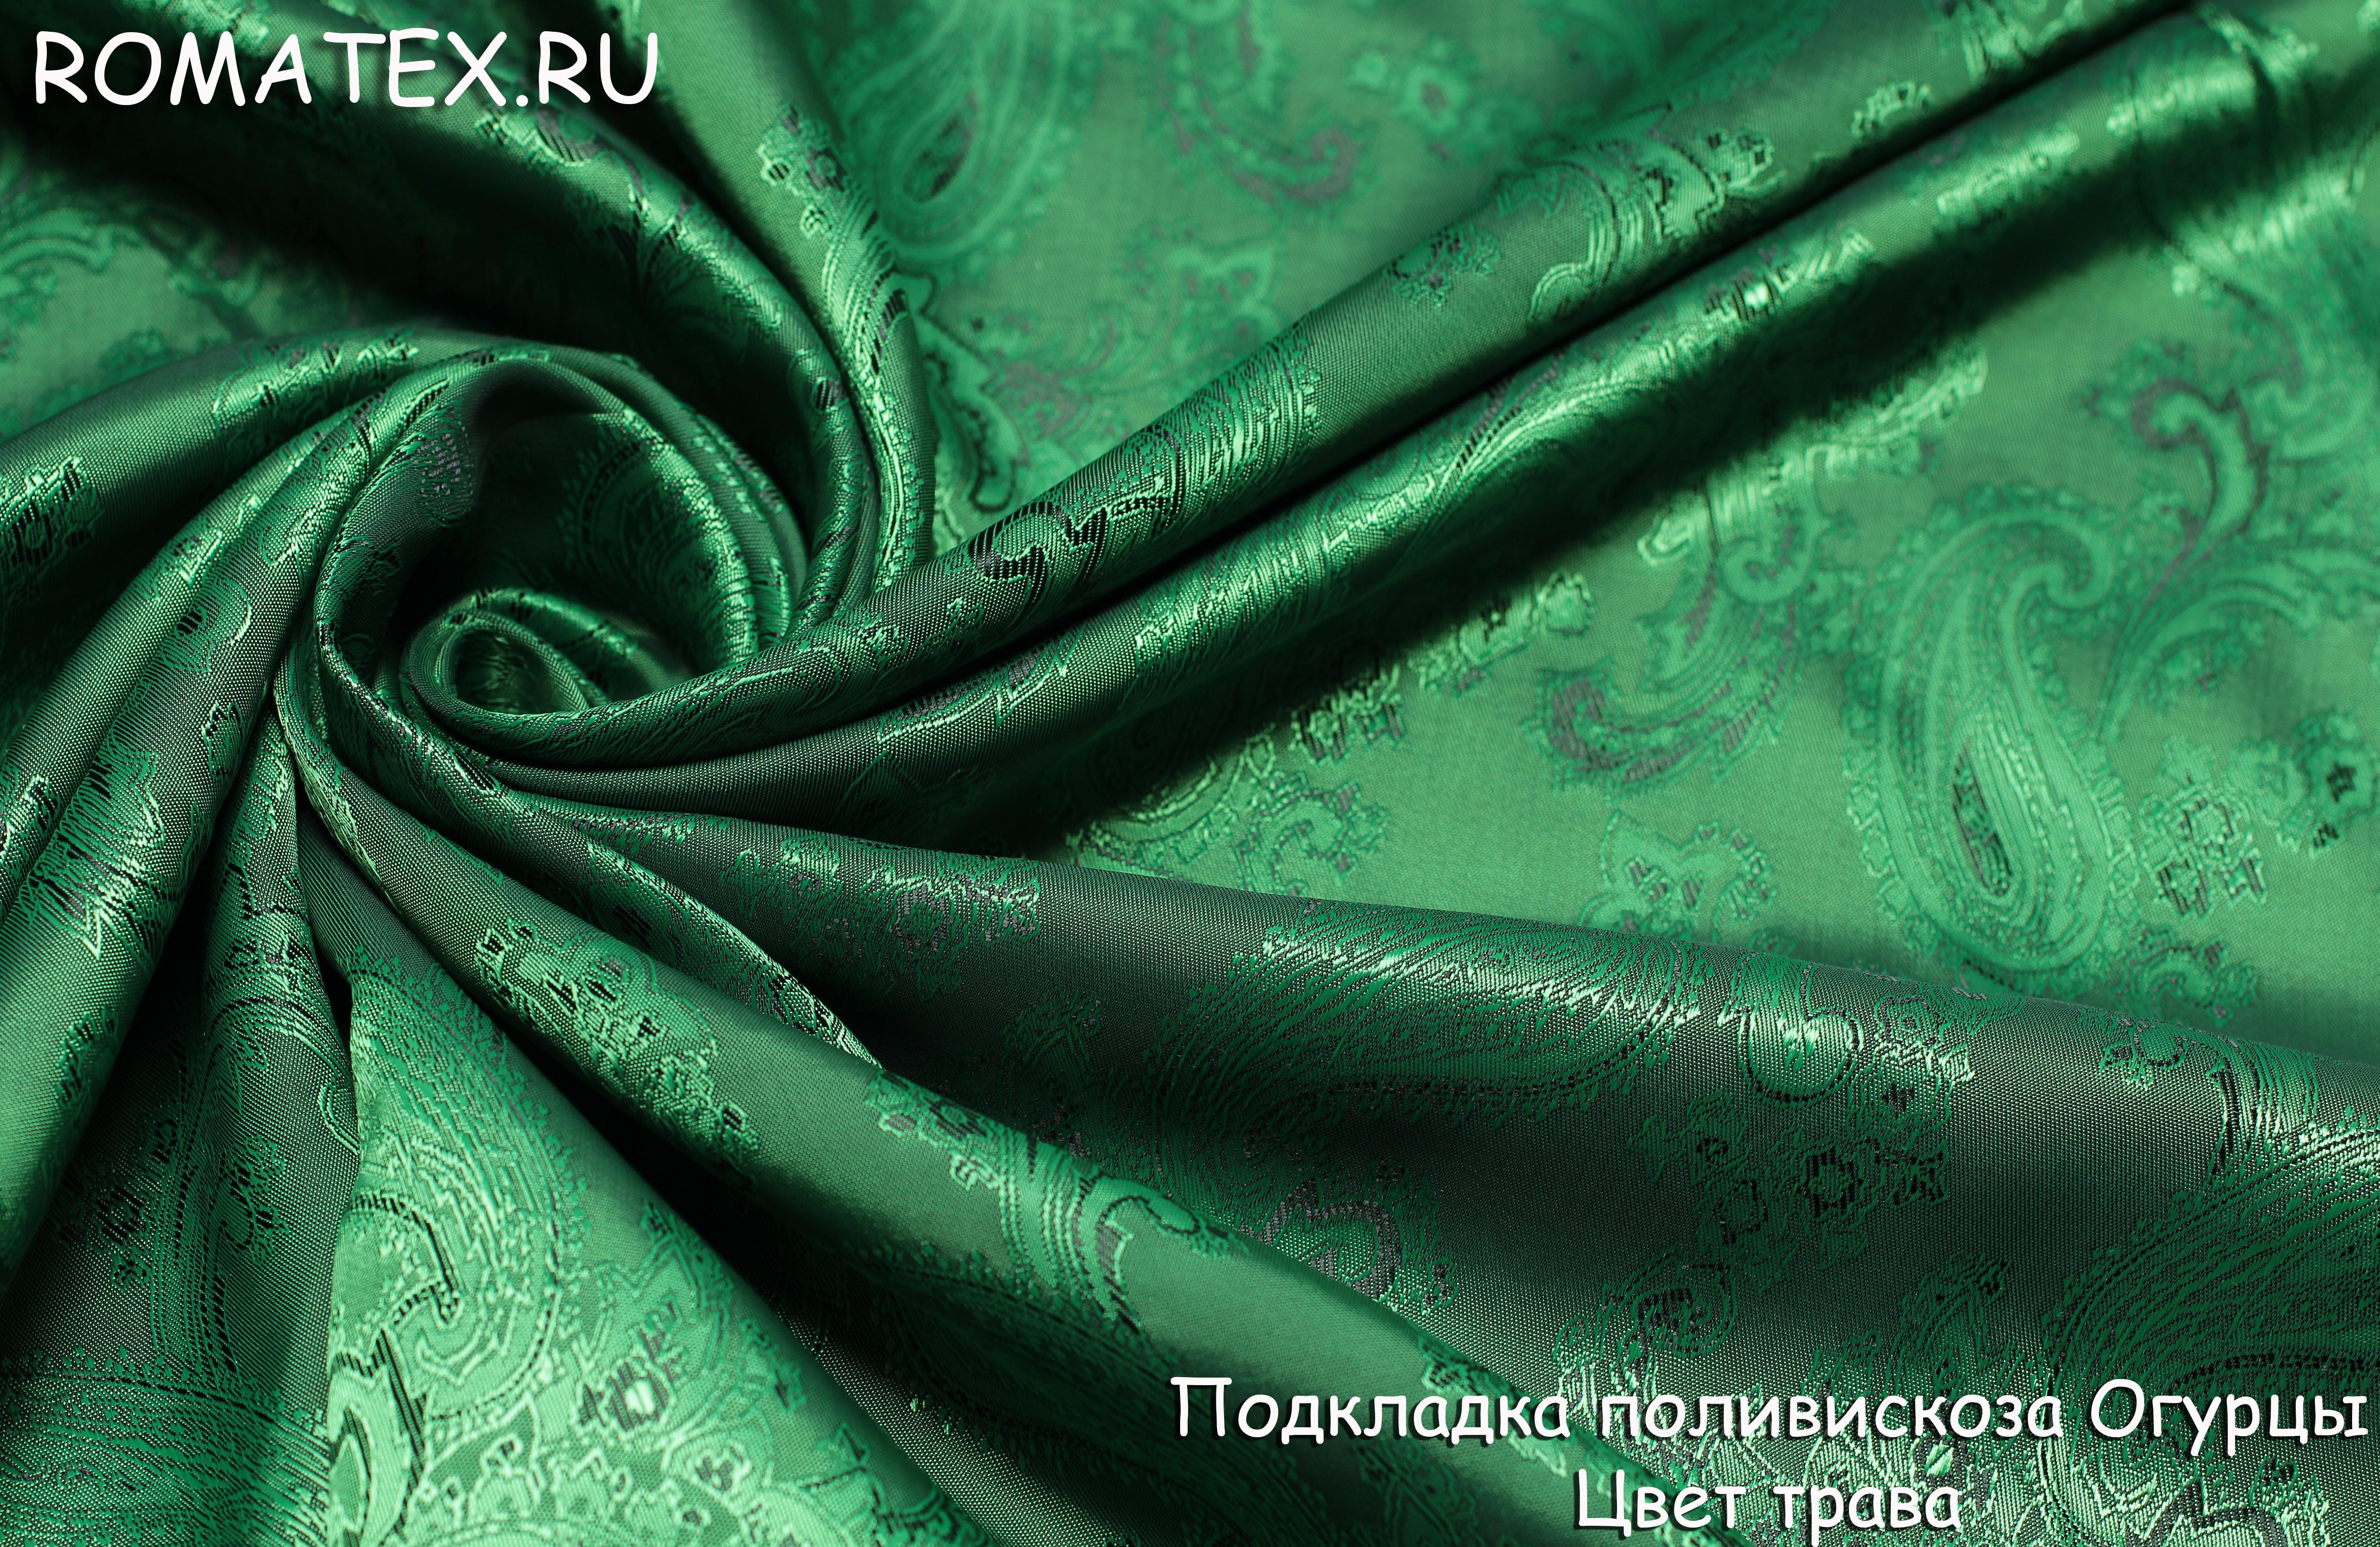 Подкладка поливискоза огурцы  Цвет трава